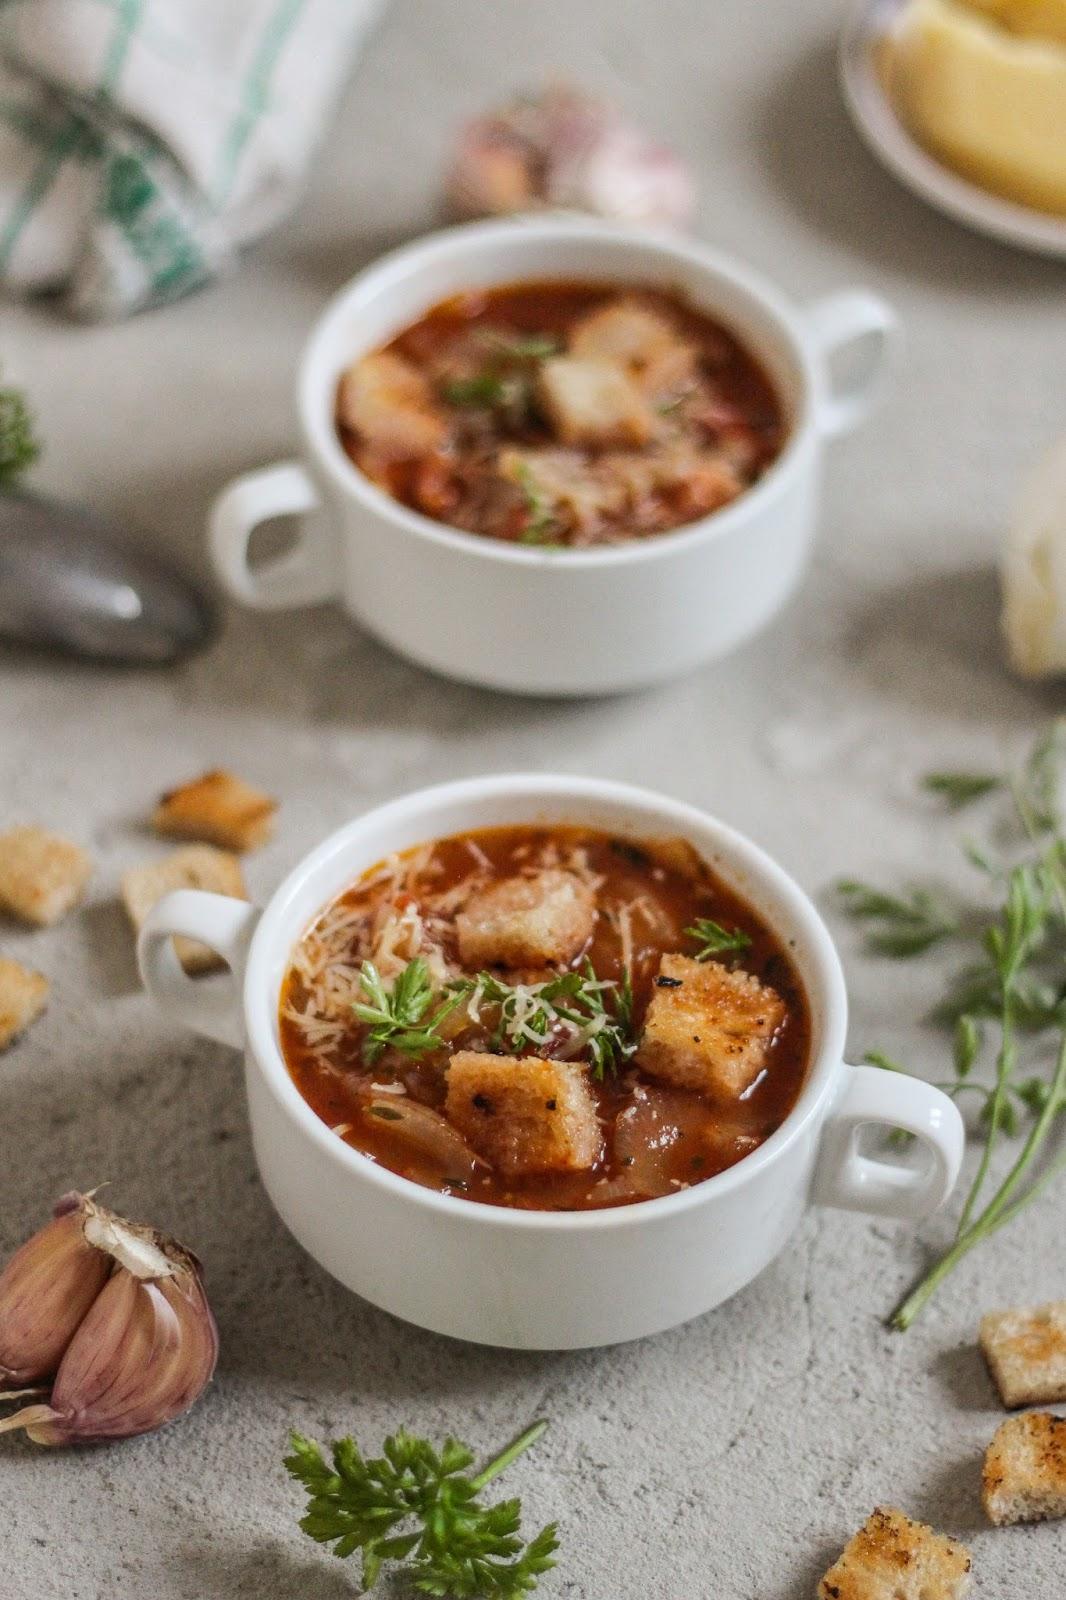 włoska zupa cebulowa recipes